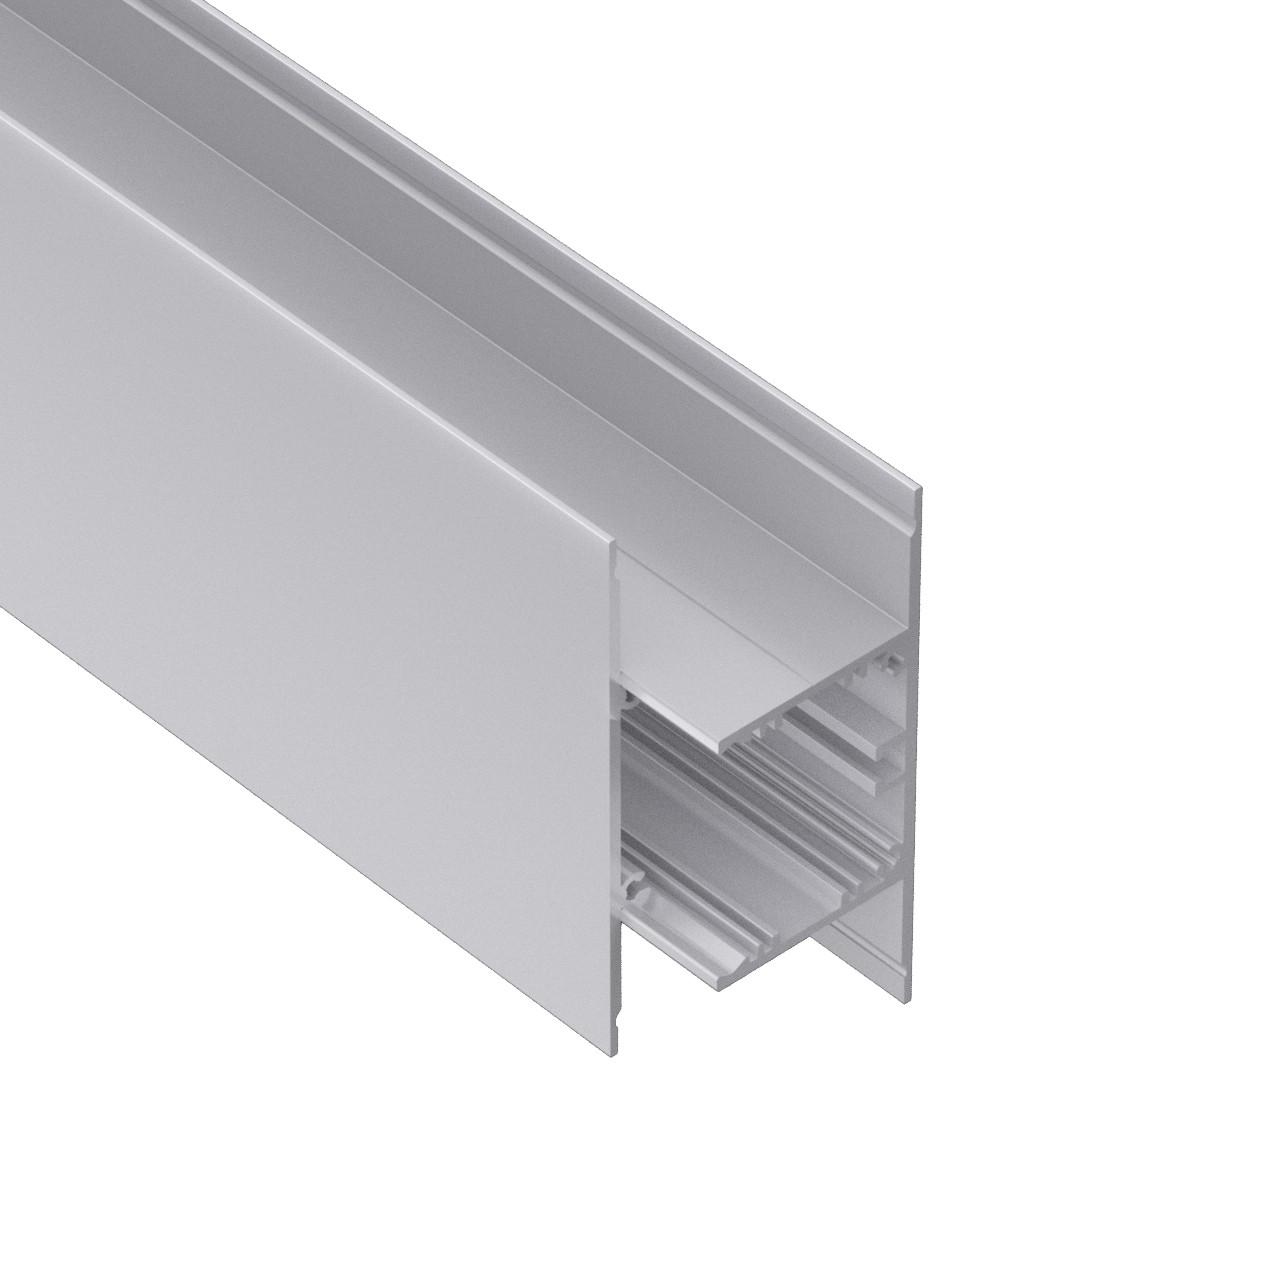 AW5-1 Suspend Led Aluminium Profile